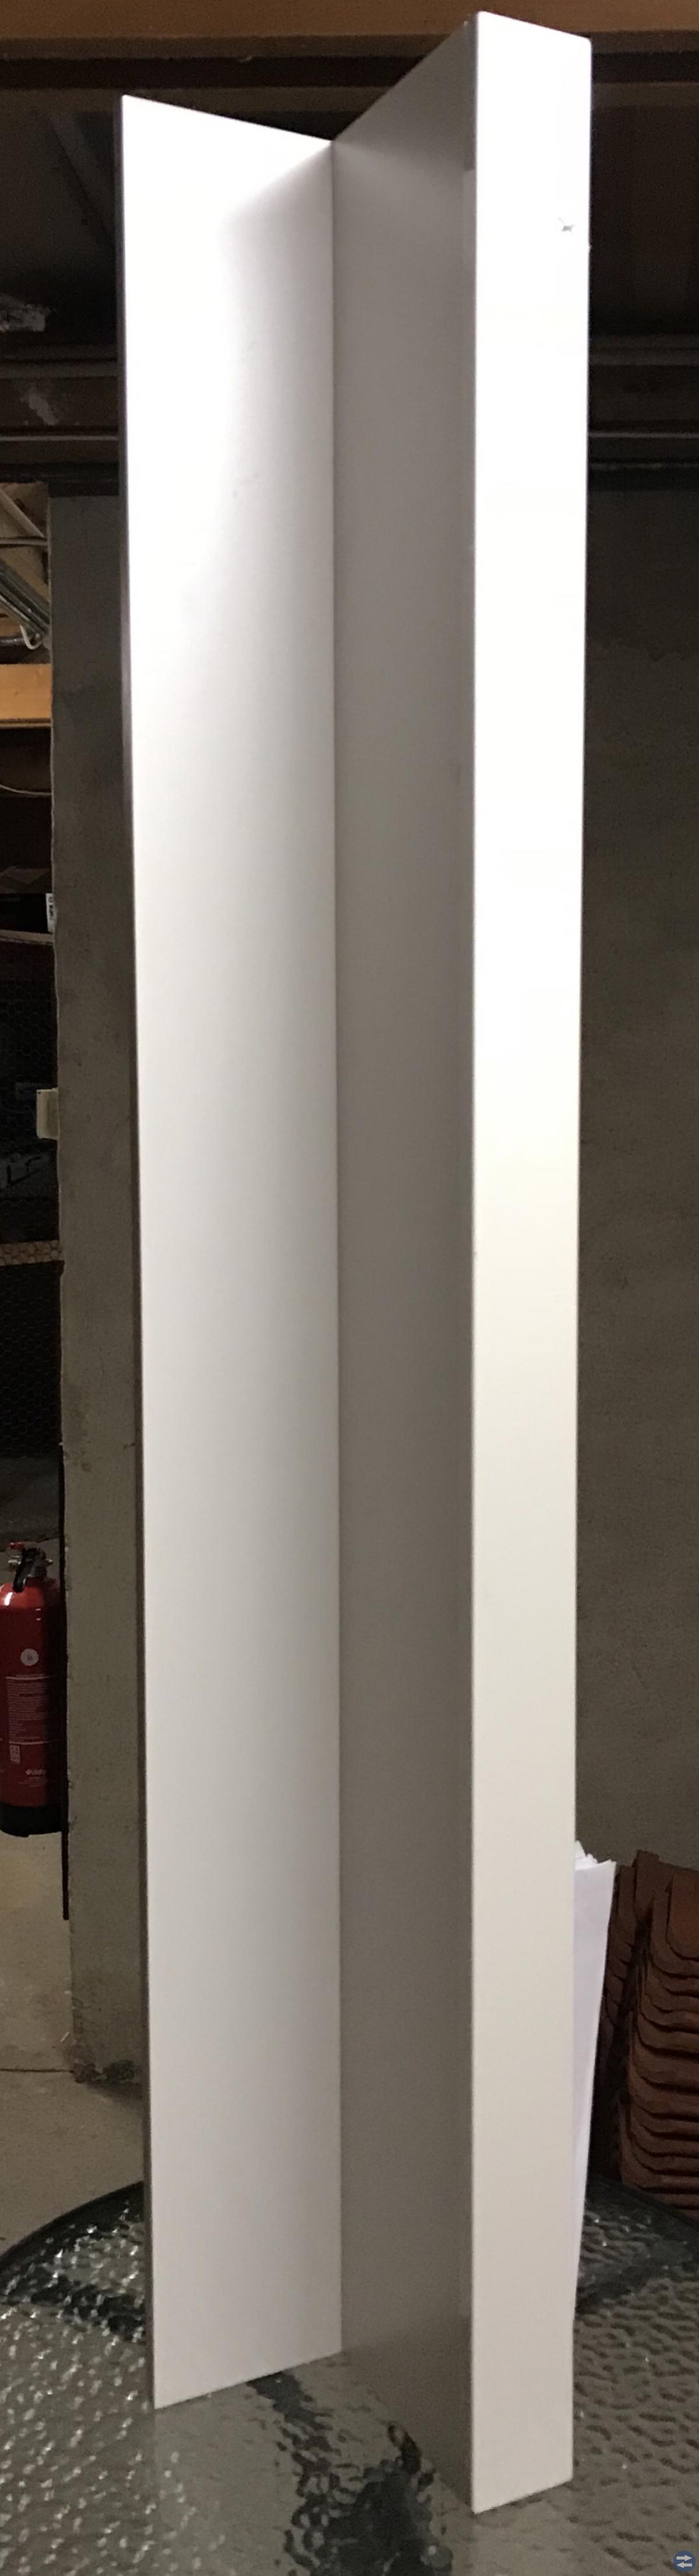 Vit ny vägghylla i högglans!